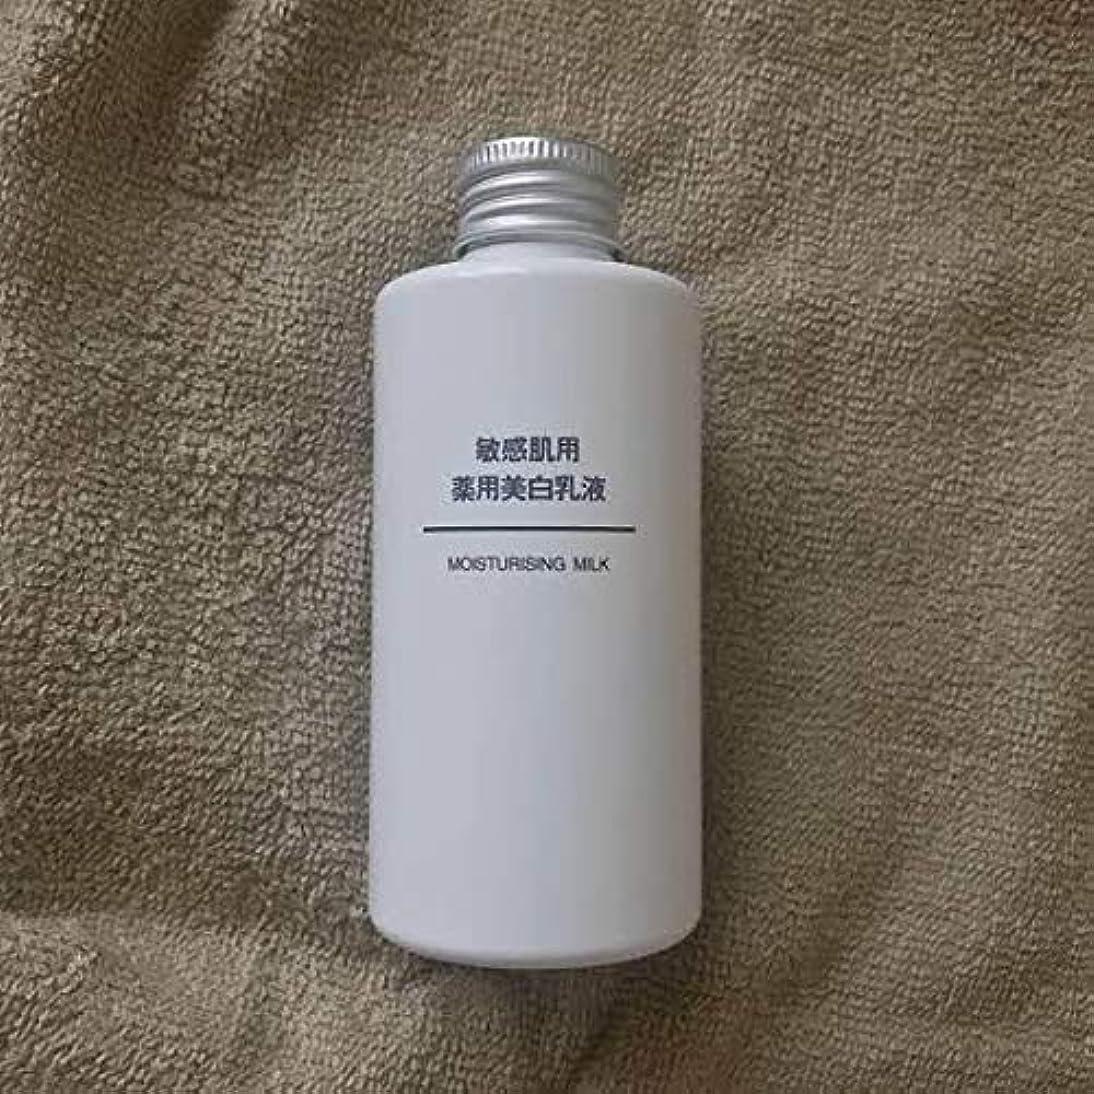 すりシャベルアニメーション無印良品 敏感肌用薬用美白乳液 (新)150ml